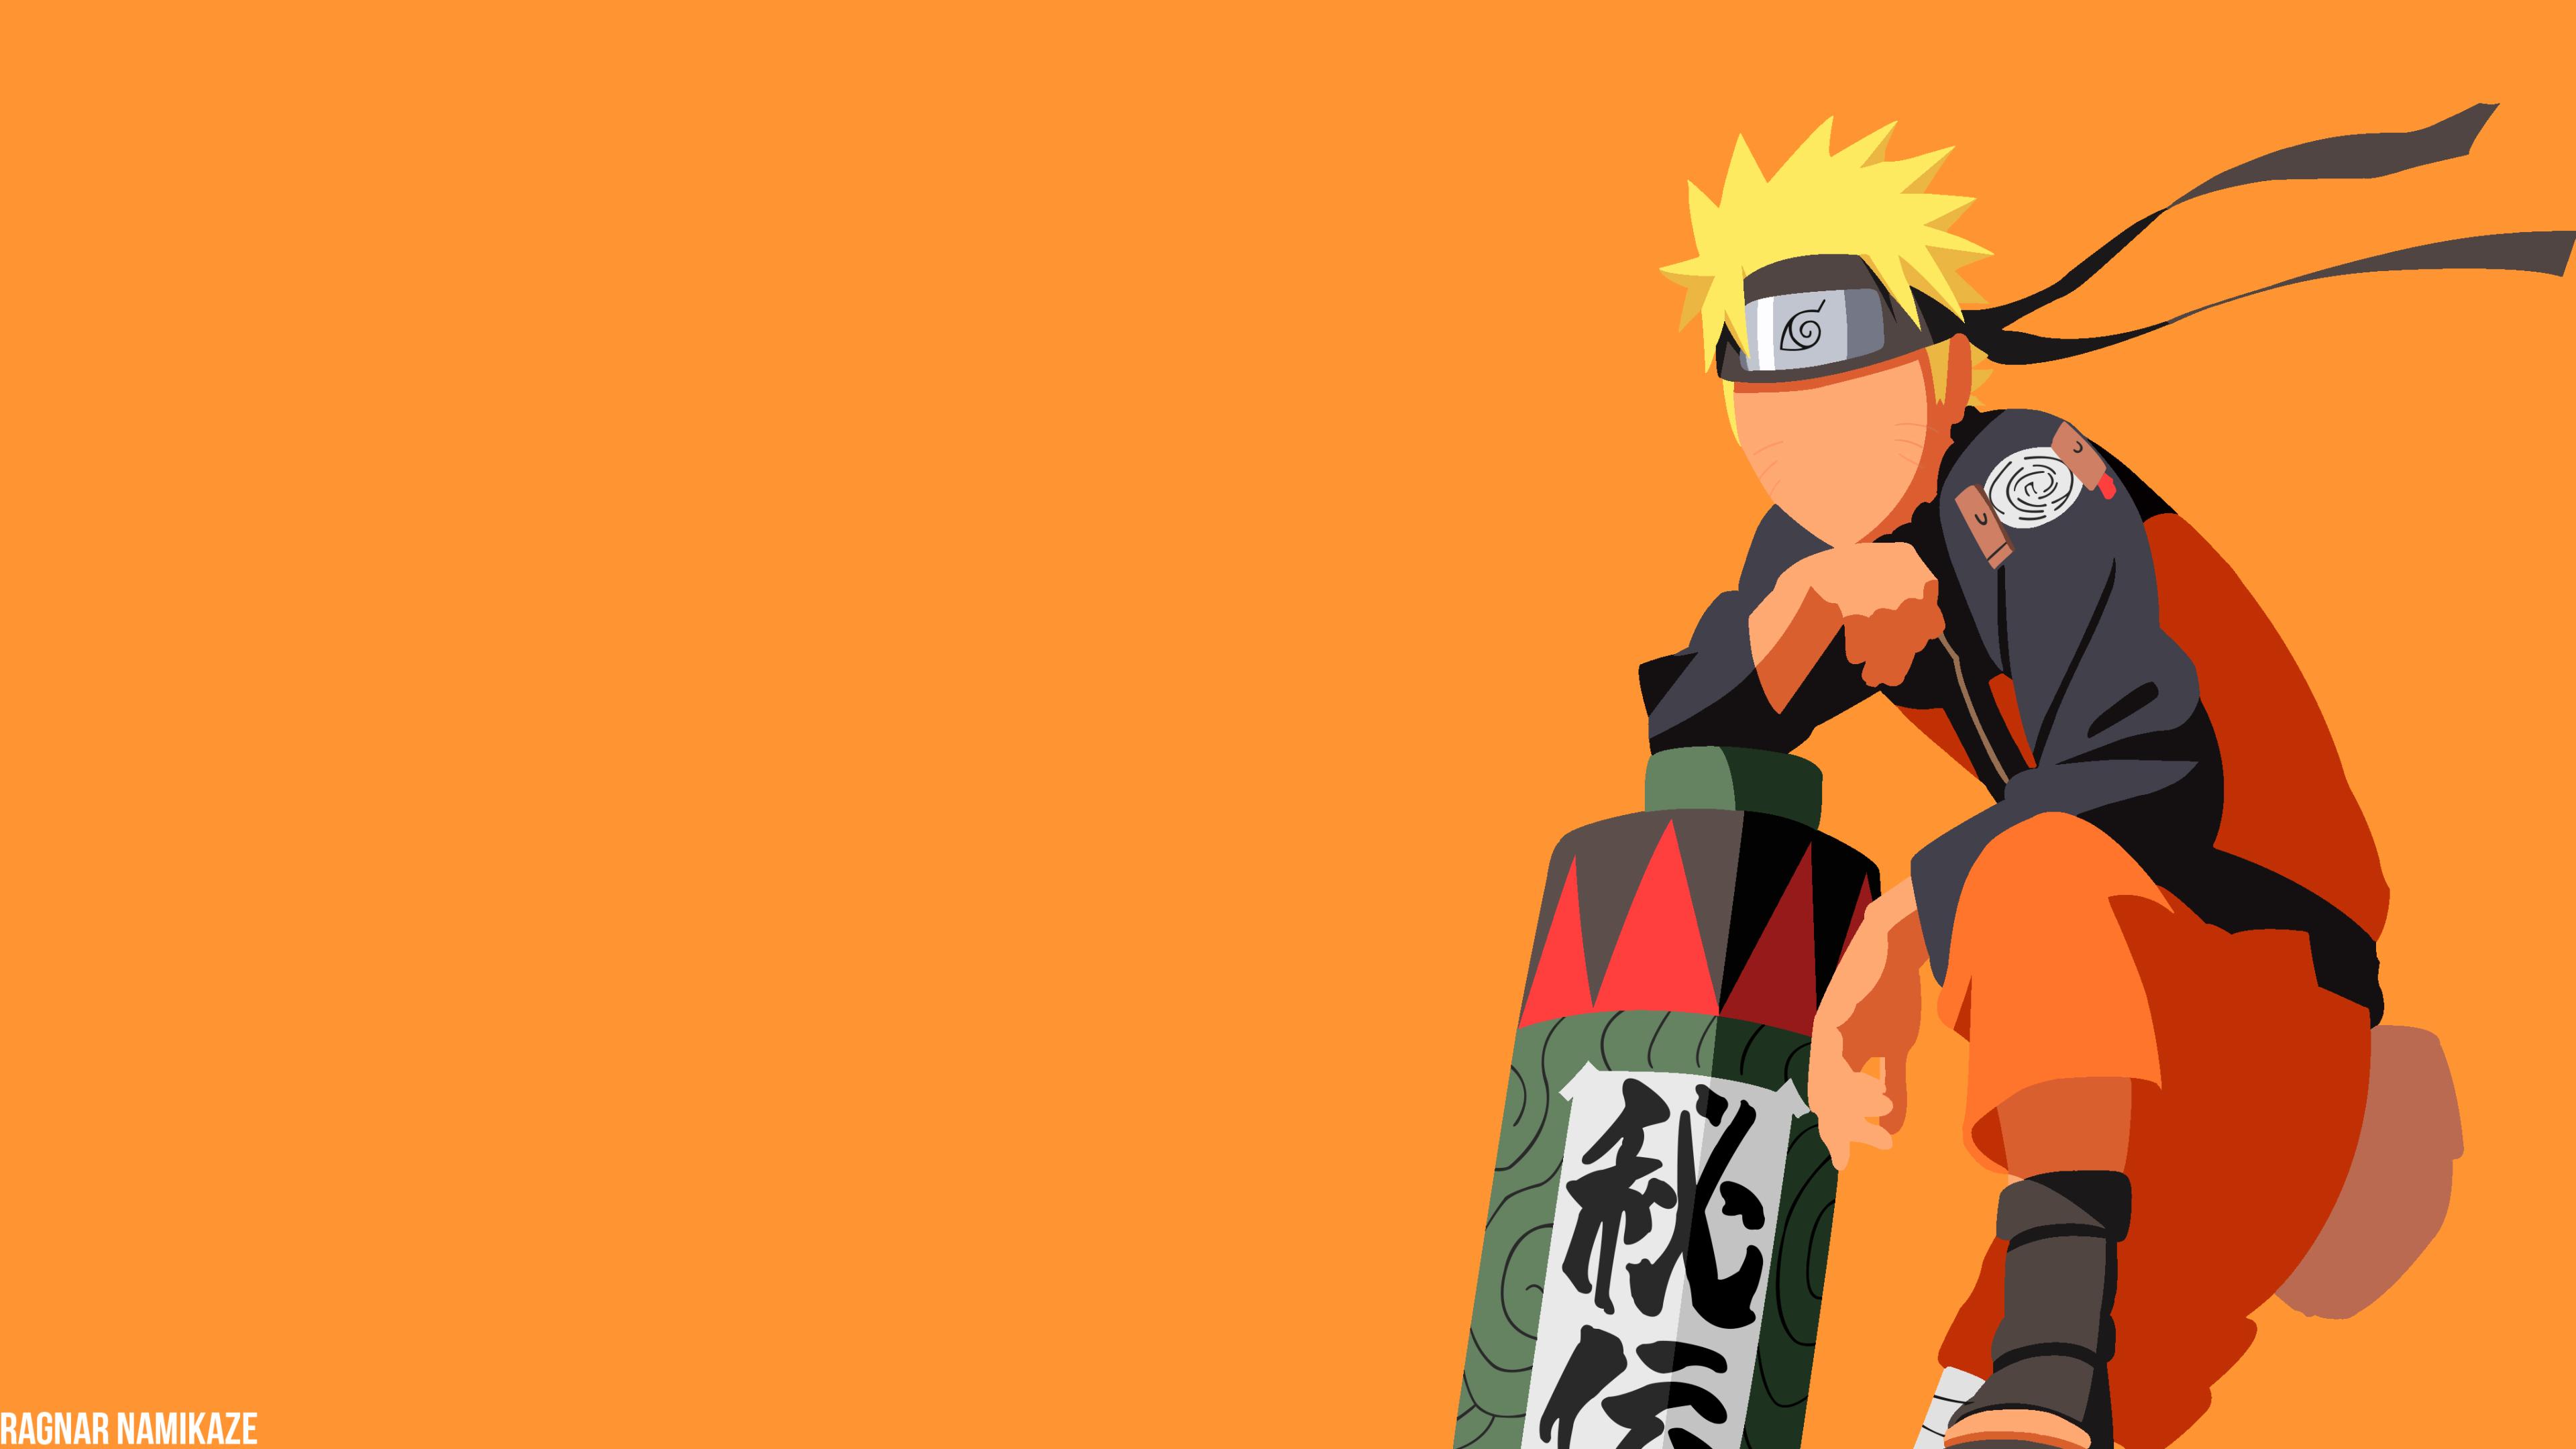 3840x2160 Naruto Uzumaki Minimalist 4k Wallpaper Hd